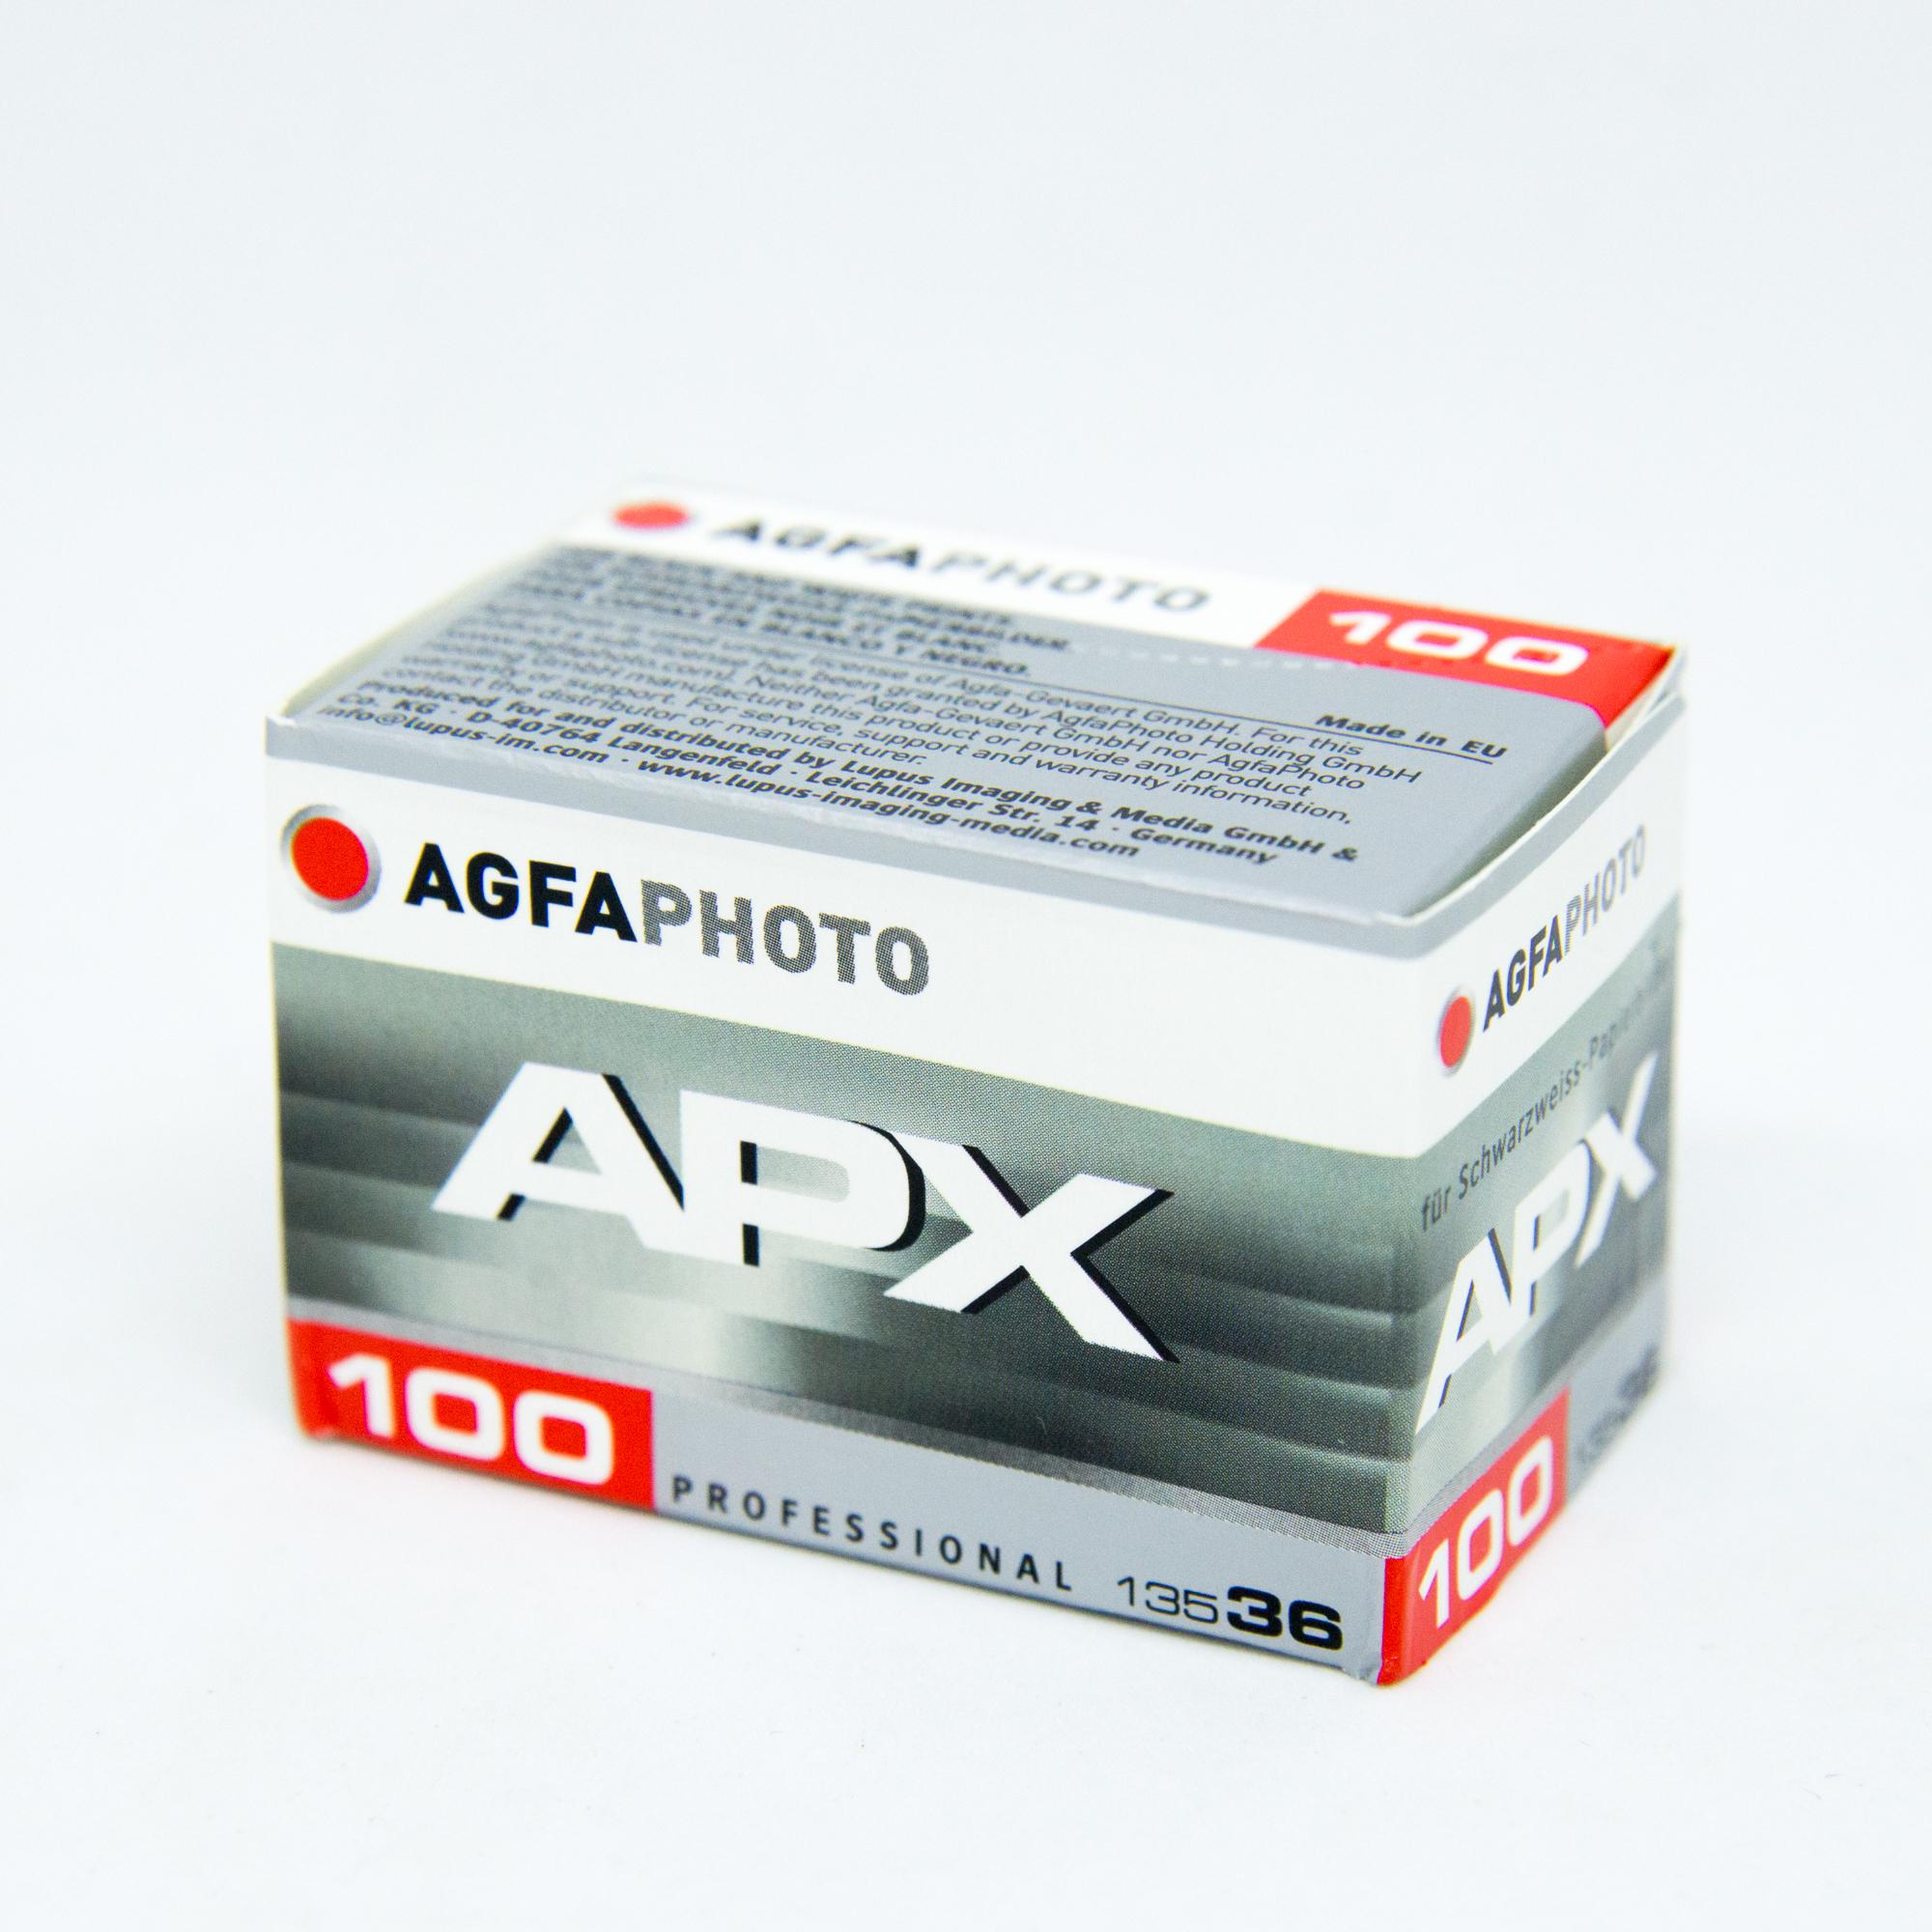 Фотопленка AGFAPHOTO APX 100 135/36